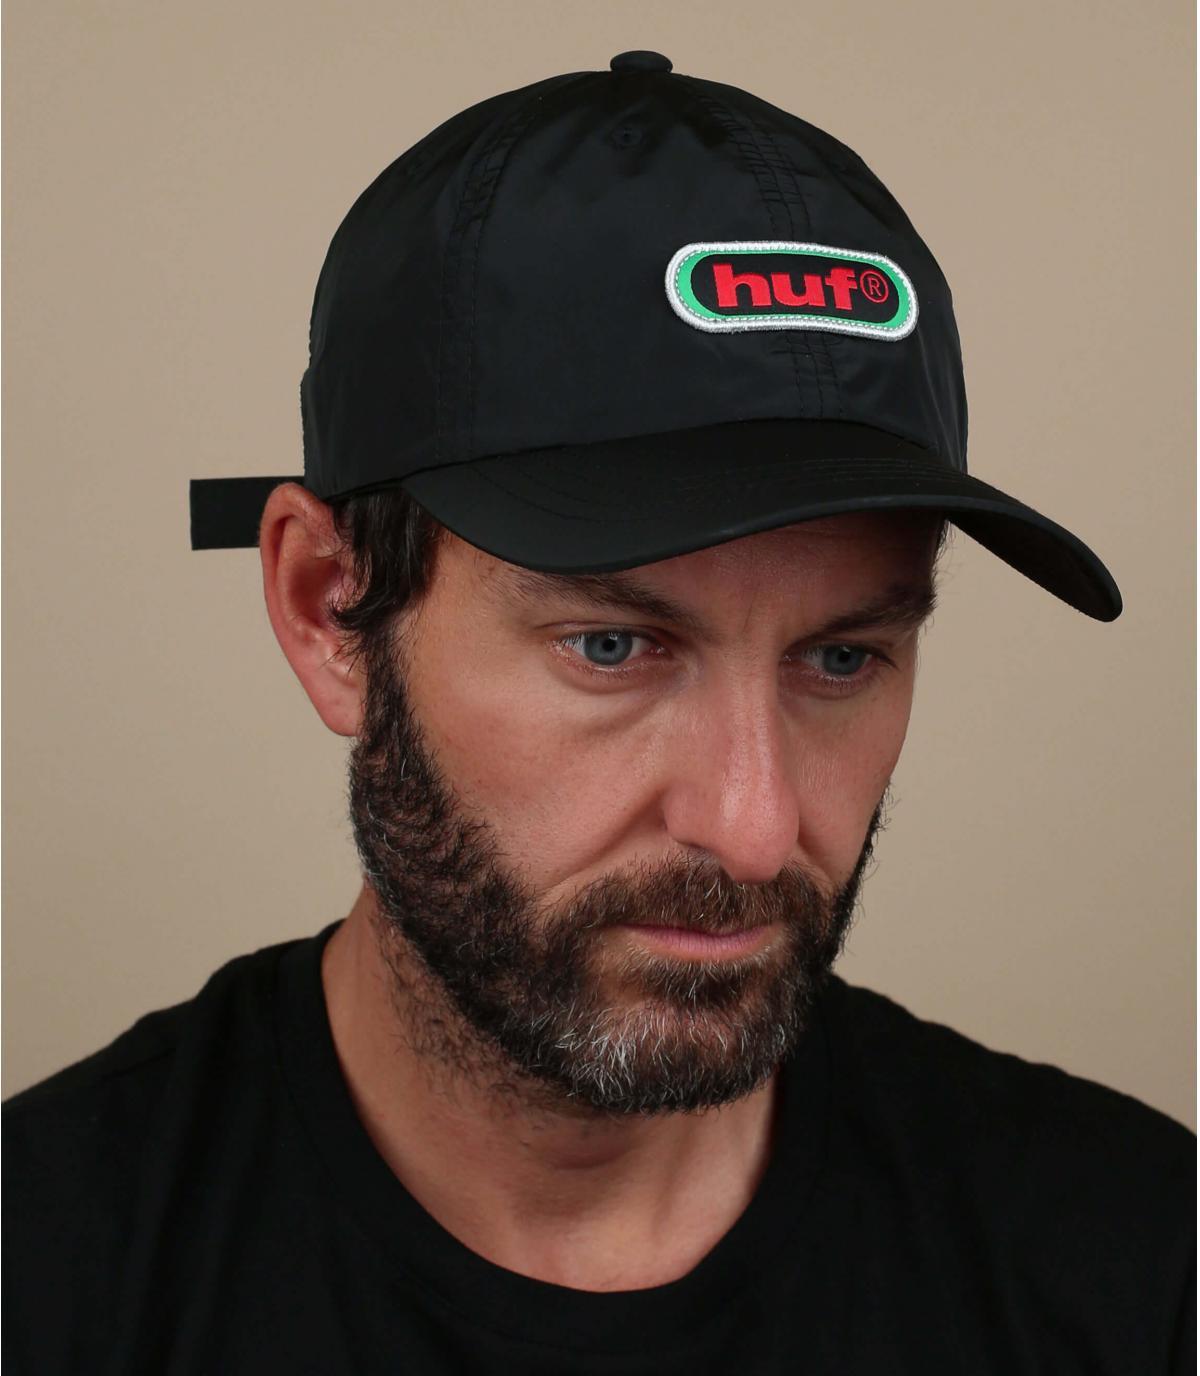 Huf zwarte retro cap